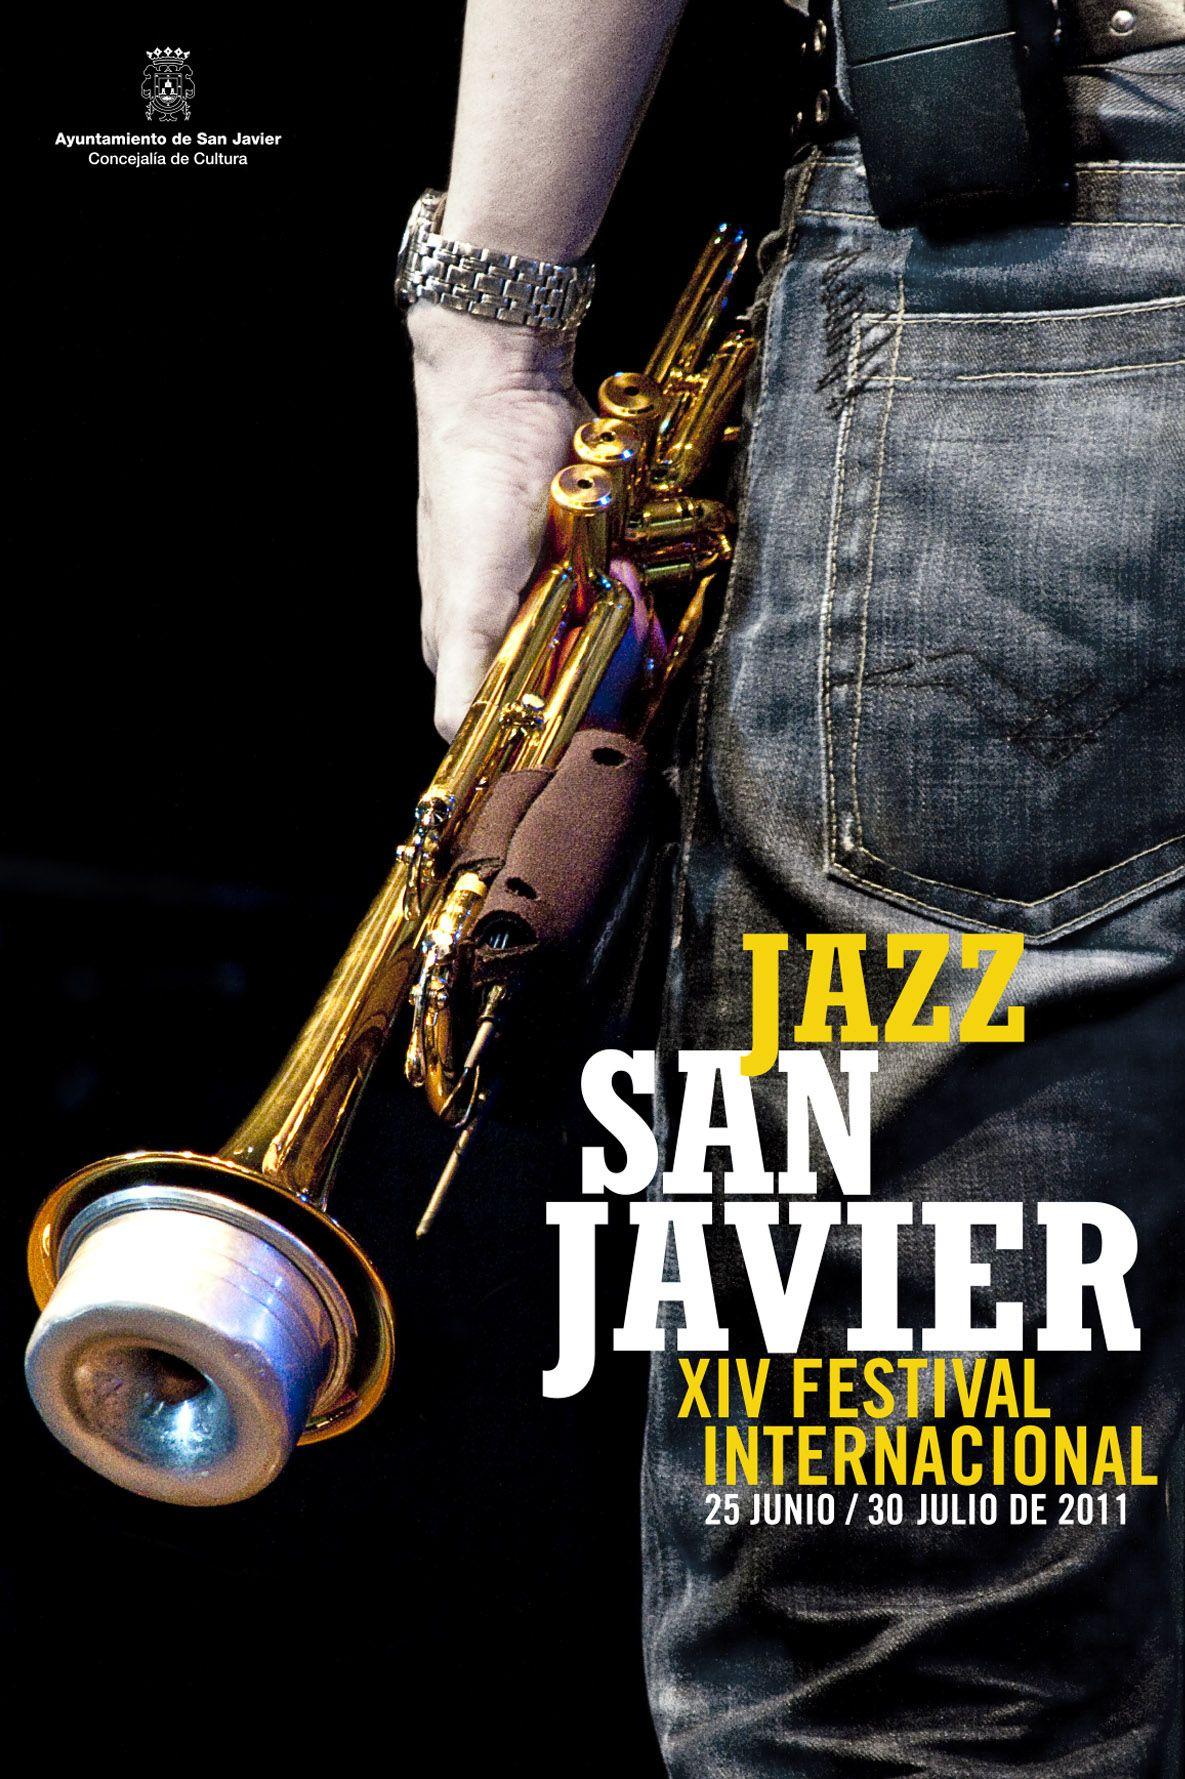 Cartel Jazz San Javier 2011 By Grafyco